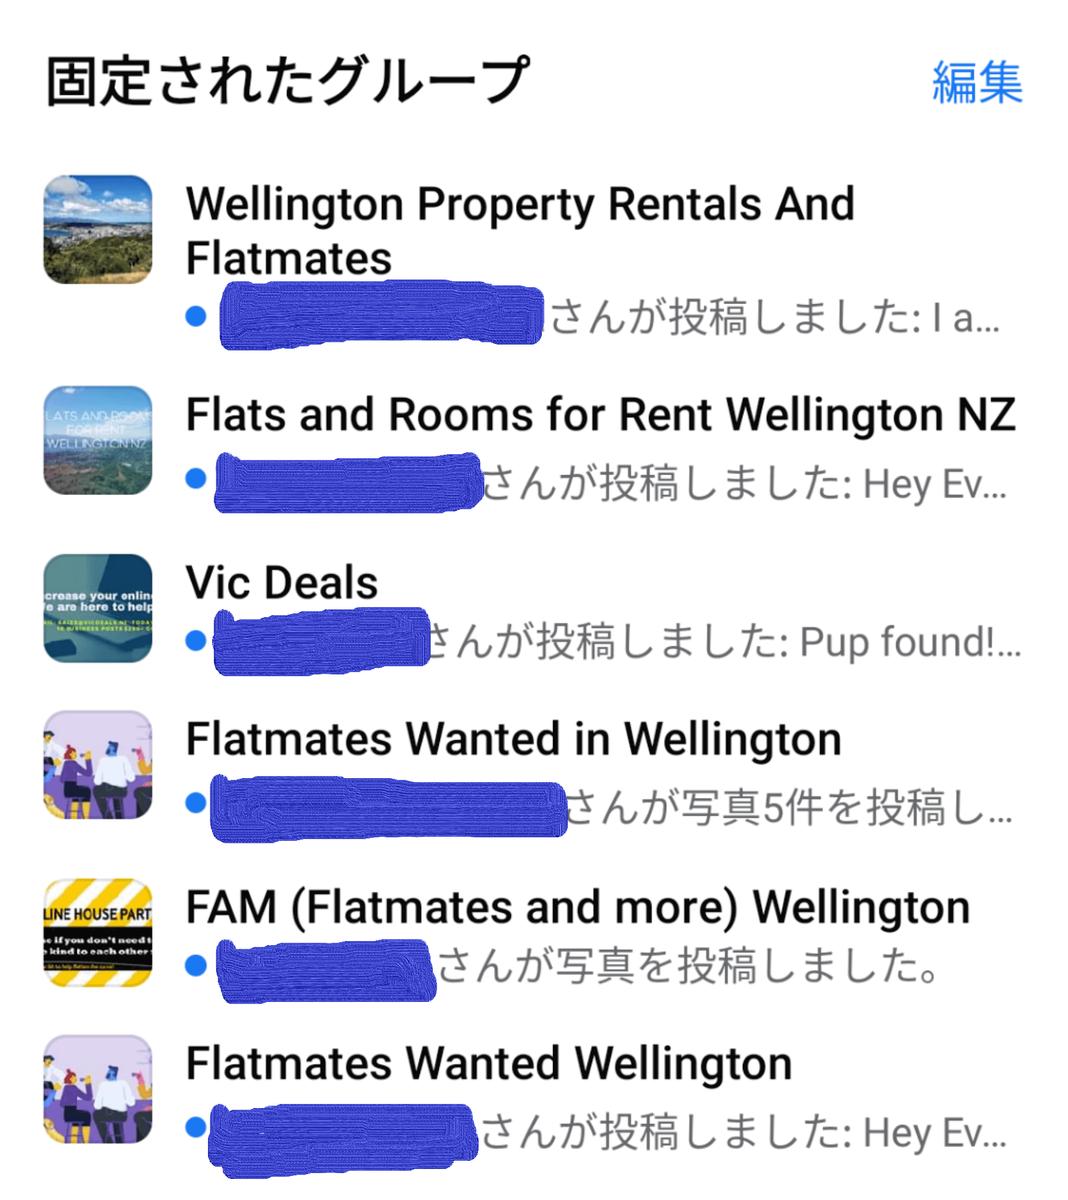 ニュージーランド家探しグループのイメージ